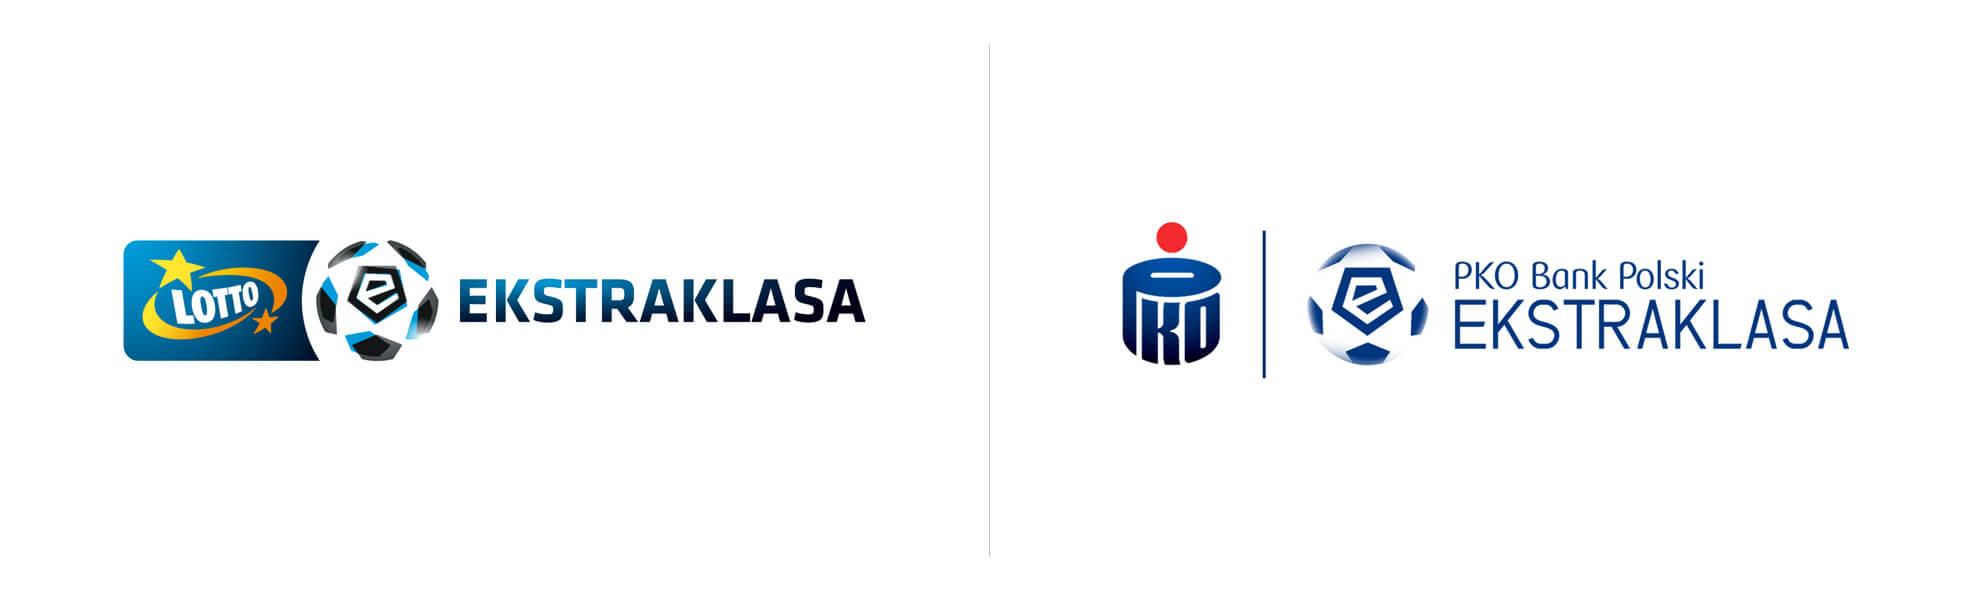 Logo Lotto ekstraklasy ilogo PKO Eksraklasy